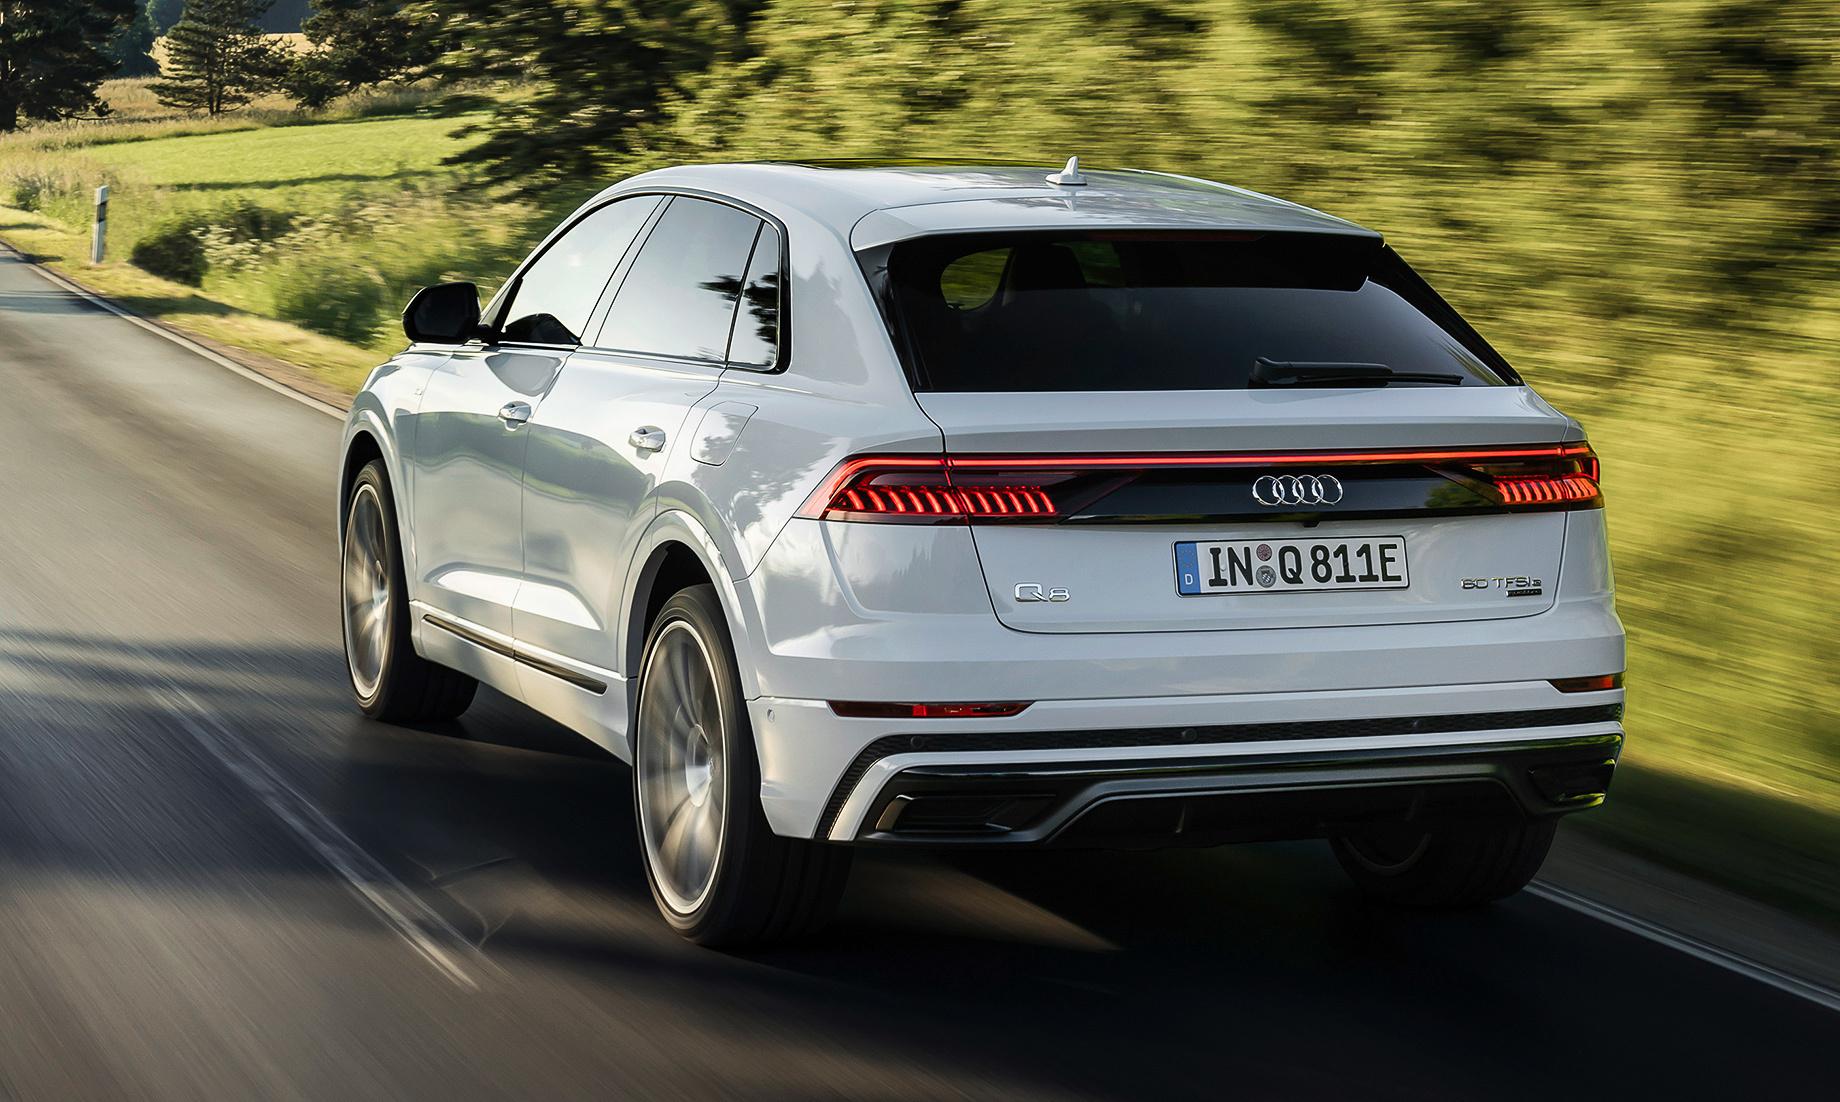 Розкрито характеристики гібрида Audi Q8 TFSI e quattro